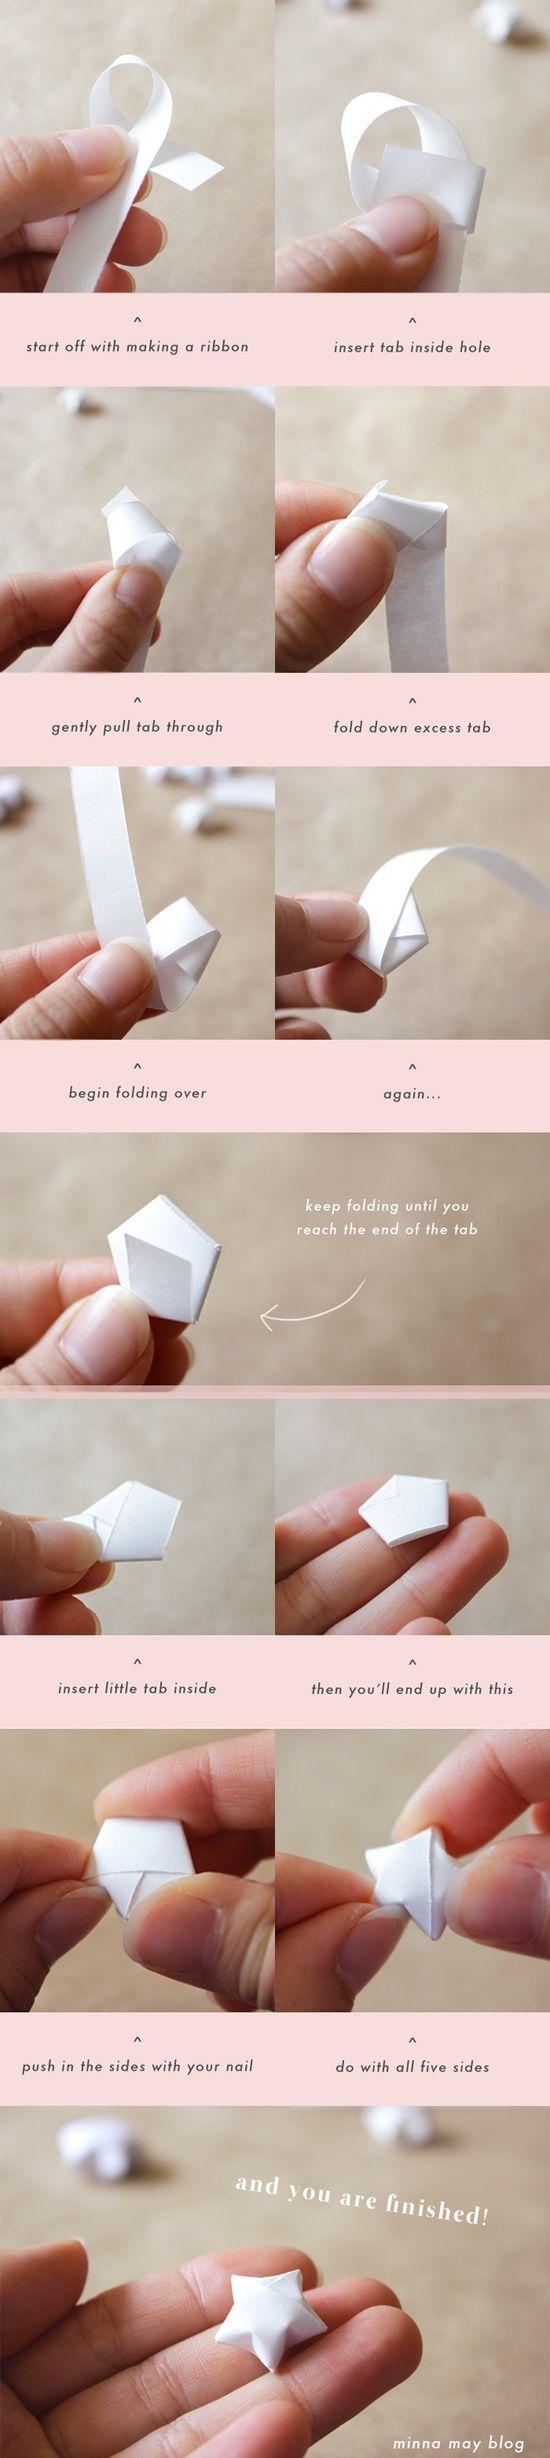 Estrellas de origami para decorar #DYI #Origami #Decoracion